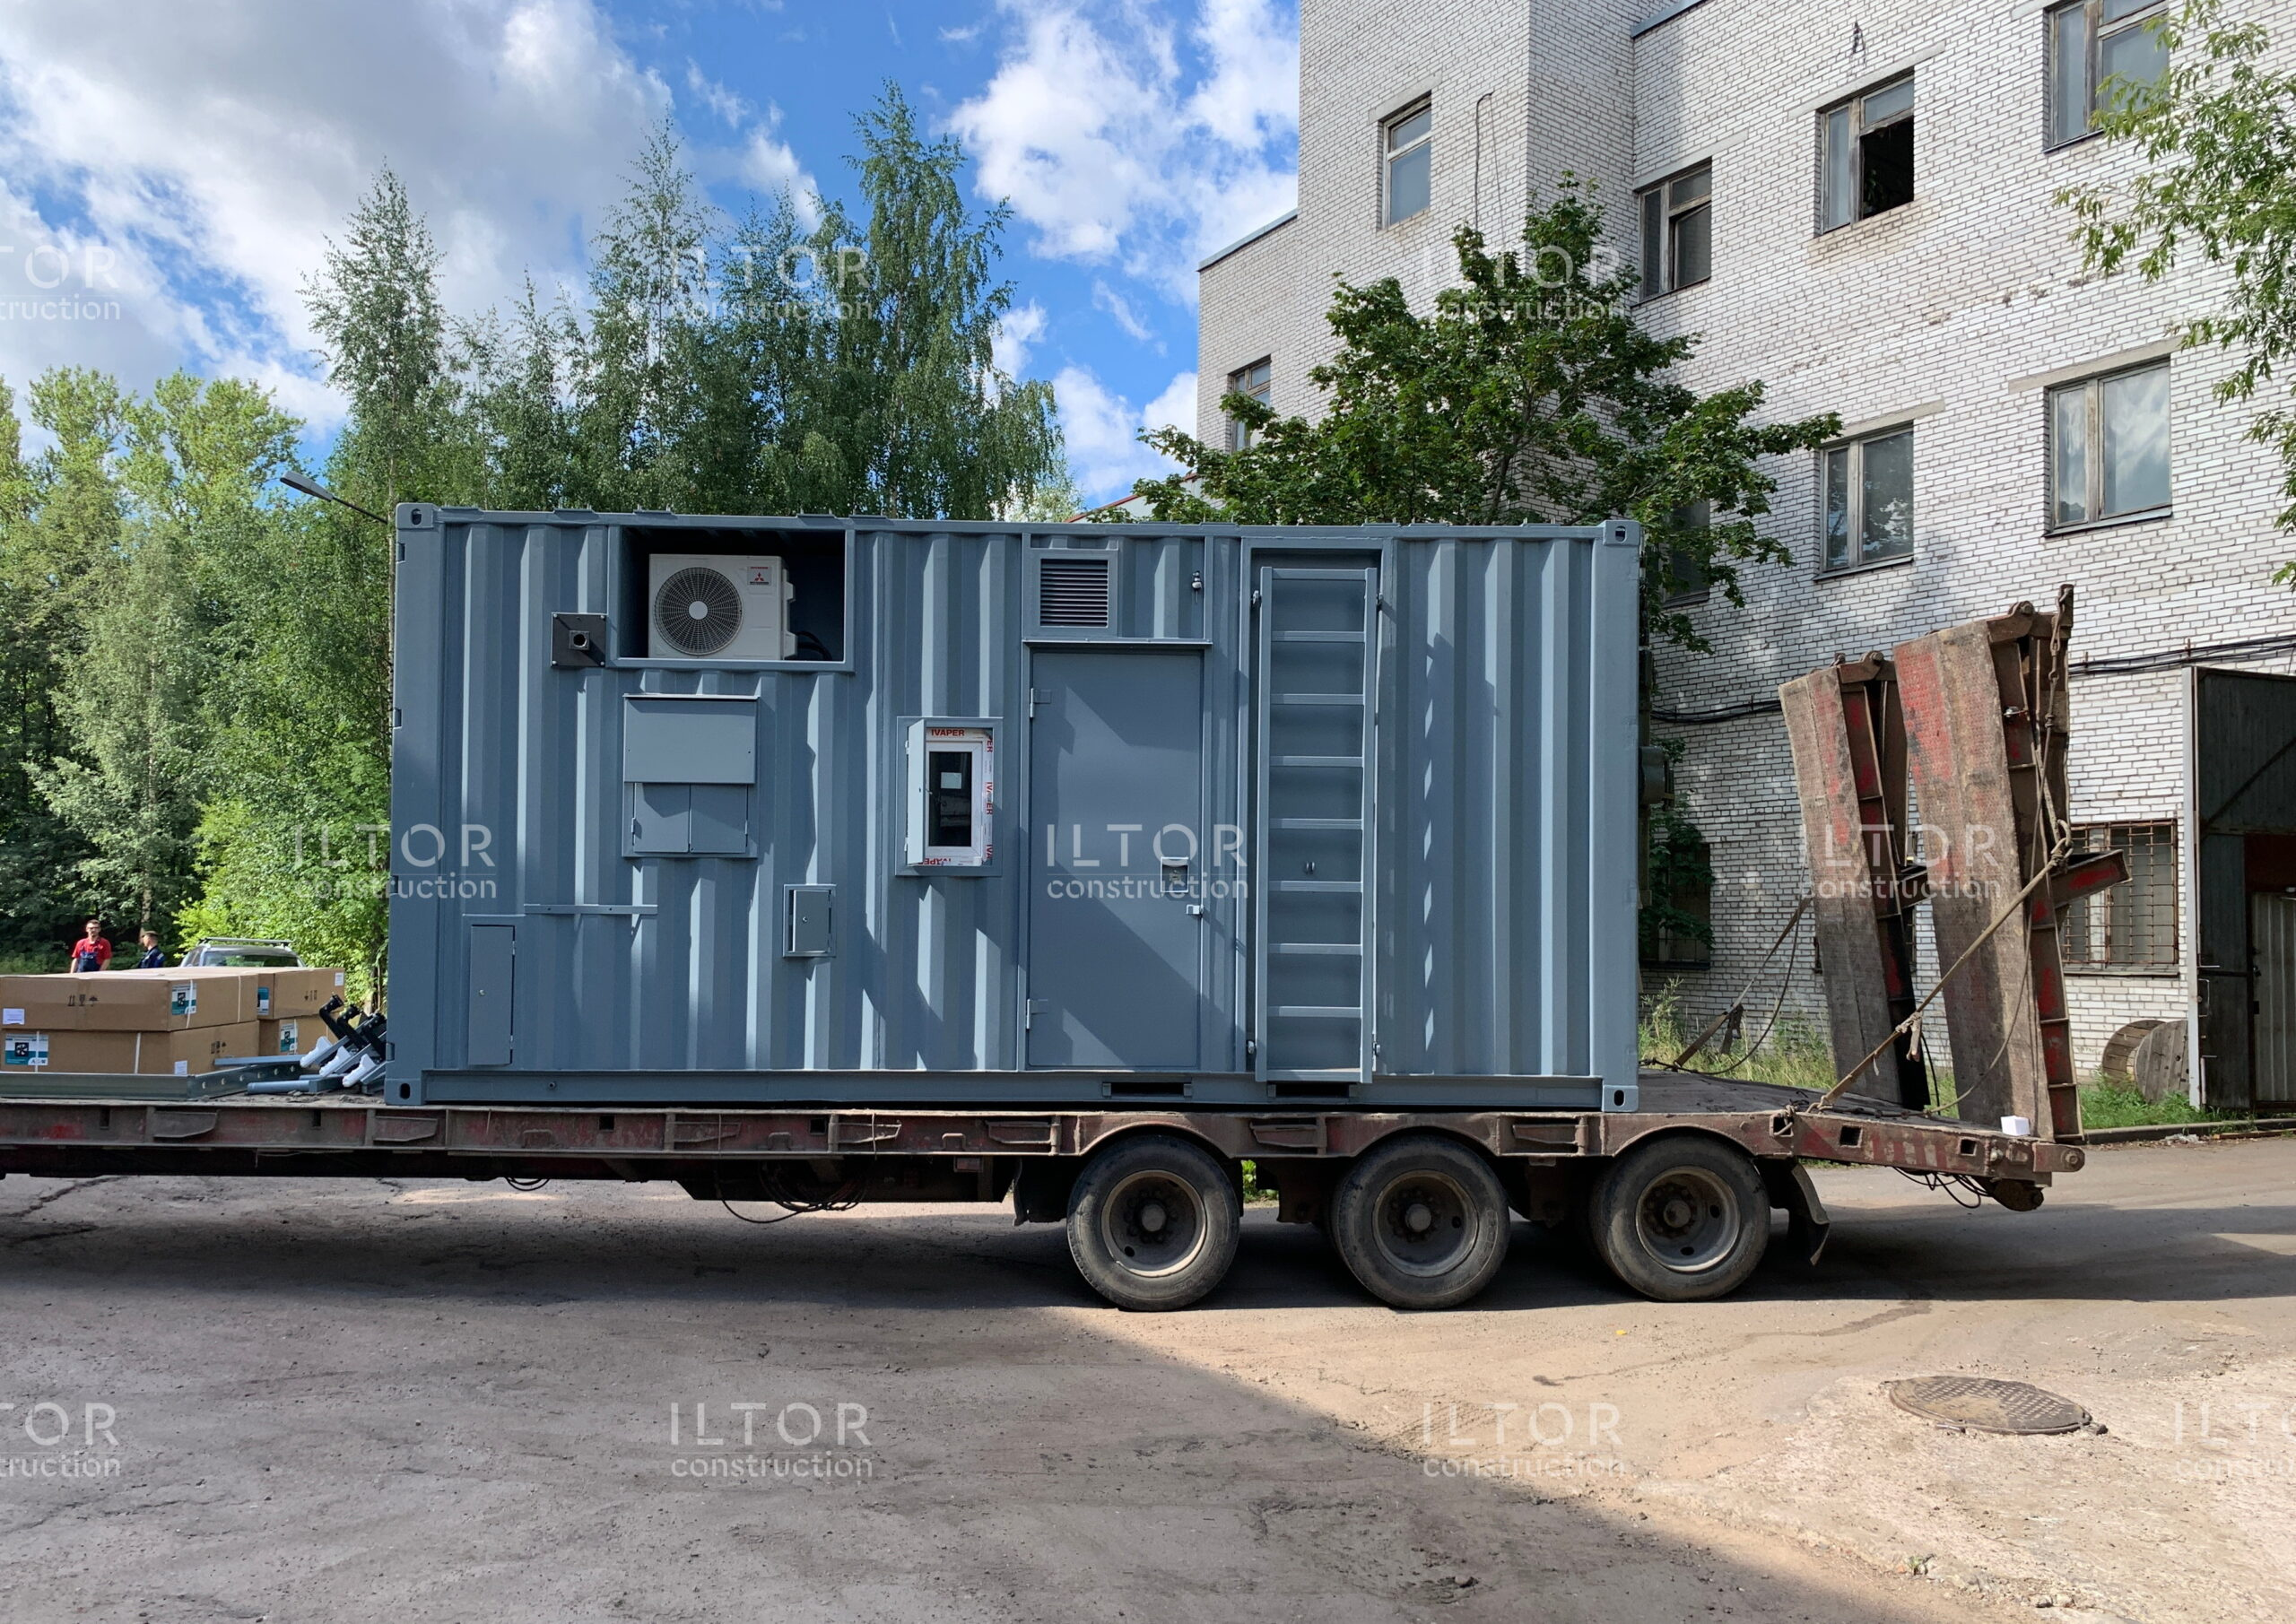 Переоборудование 20 футового контейнера для нужд силовых структур РФ